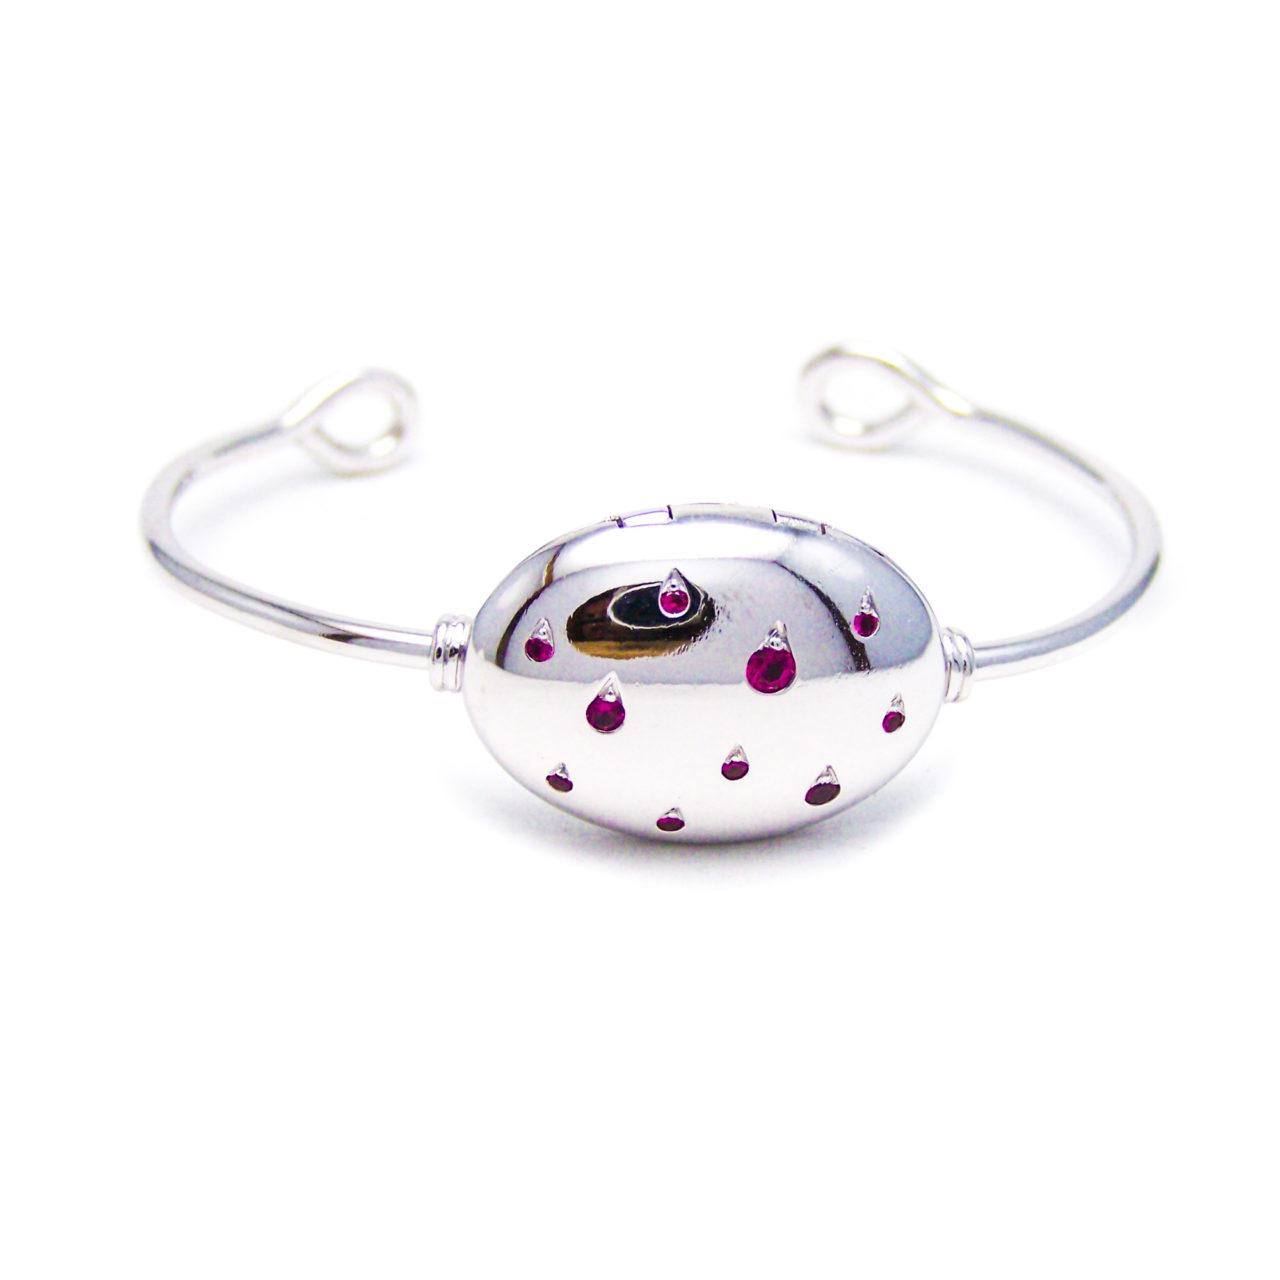 bijoutier Boucles d'oreilles bracelets lyon (7)